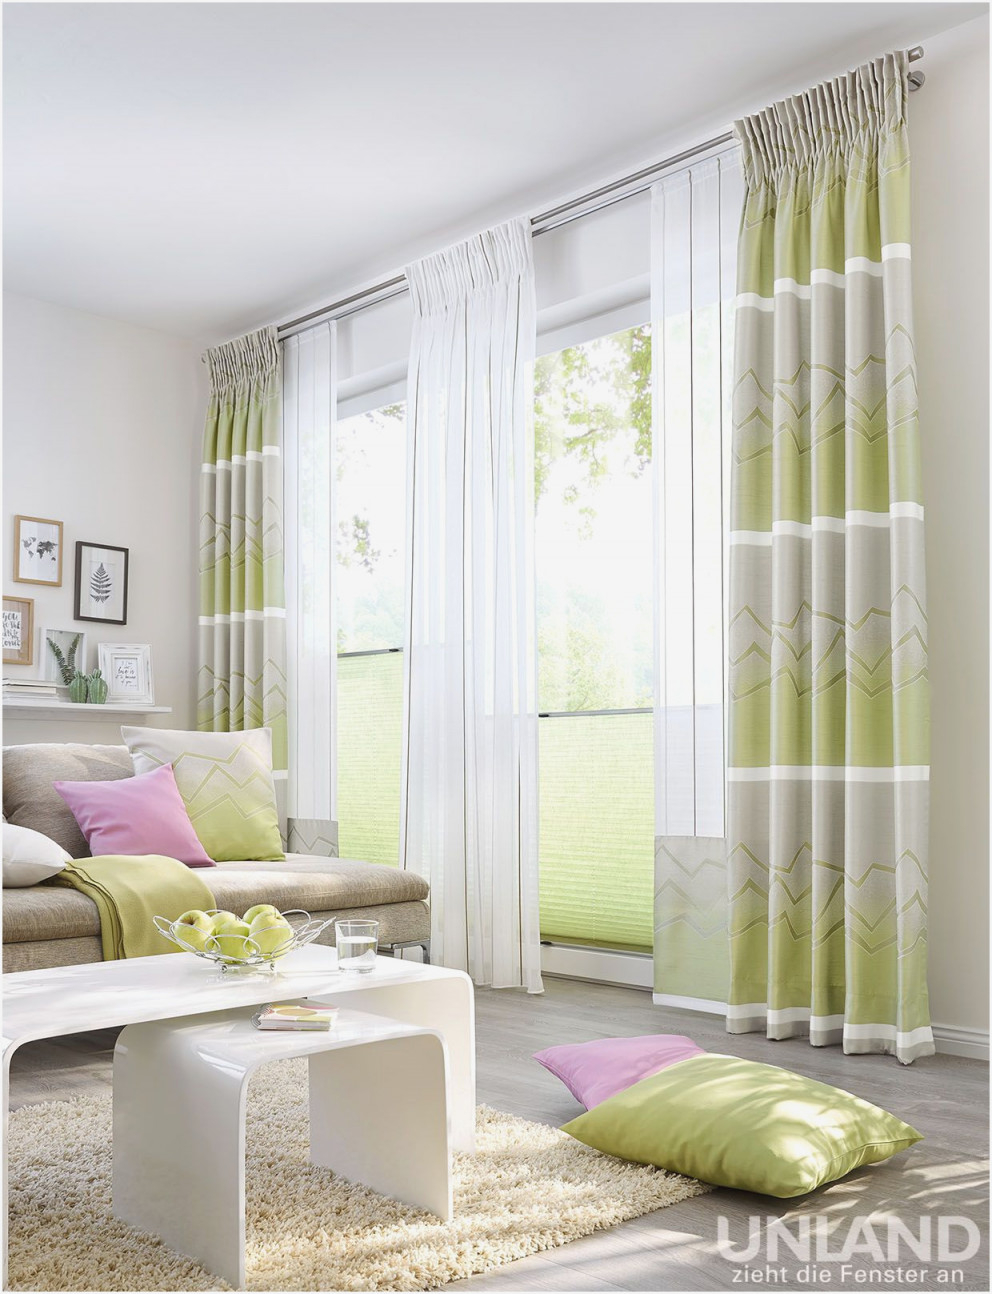 Gardinen Wohnzimmer In Roller  Wohnzimmer  Traumhaus von Gardinen Wohnzimmer Roller Bild